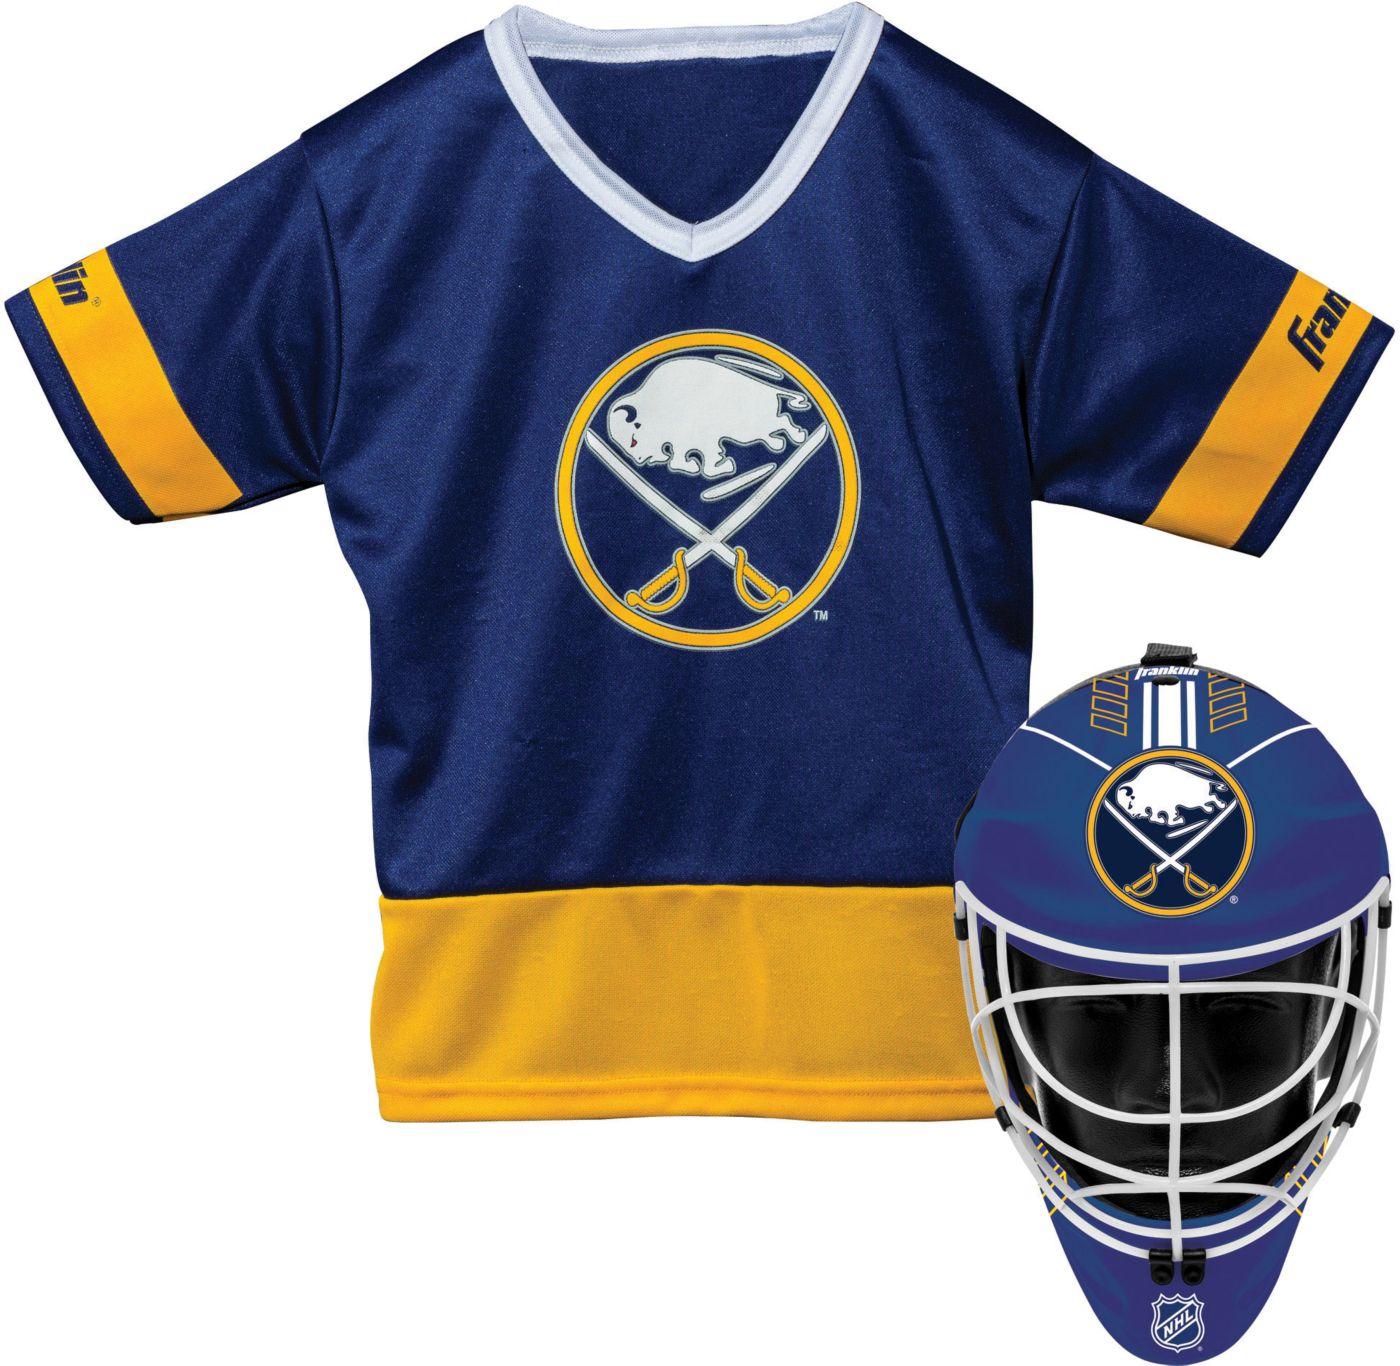 Franklin Buffalo Sabres Kids' Goalie Costume Set